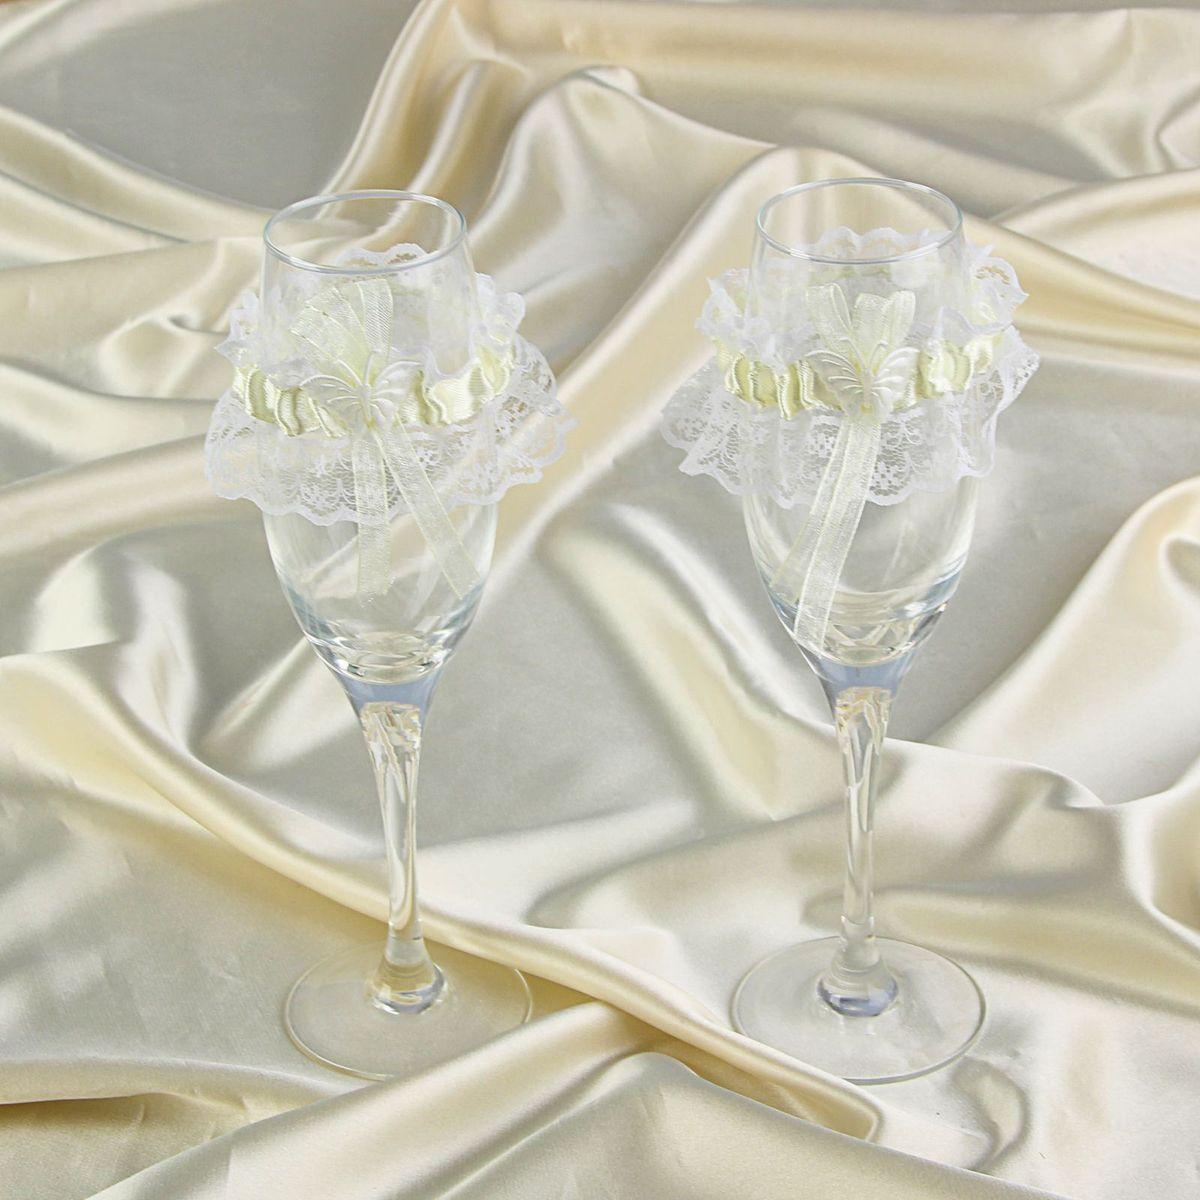 Подвязки на бокалы Sima-land, цвет: кремовый, 2 шт. 825051825051Подвязки на бокалы - то, без чего не проходит ни одна церемония бракосочетания. Изысканный и утонченный аксессуар будет выигрышно смотреться в зале регистрации и за банкетным столом. Этот символ можно сохранить и на последующие годовщины свадьбы, украсив им бокал шампанского и вспоминая счастливый день.